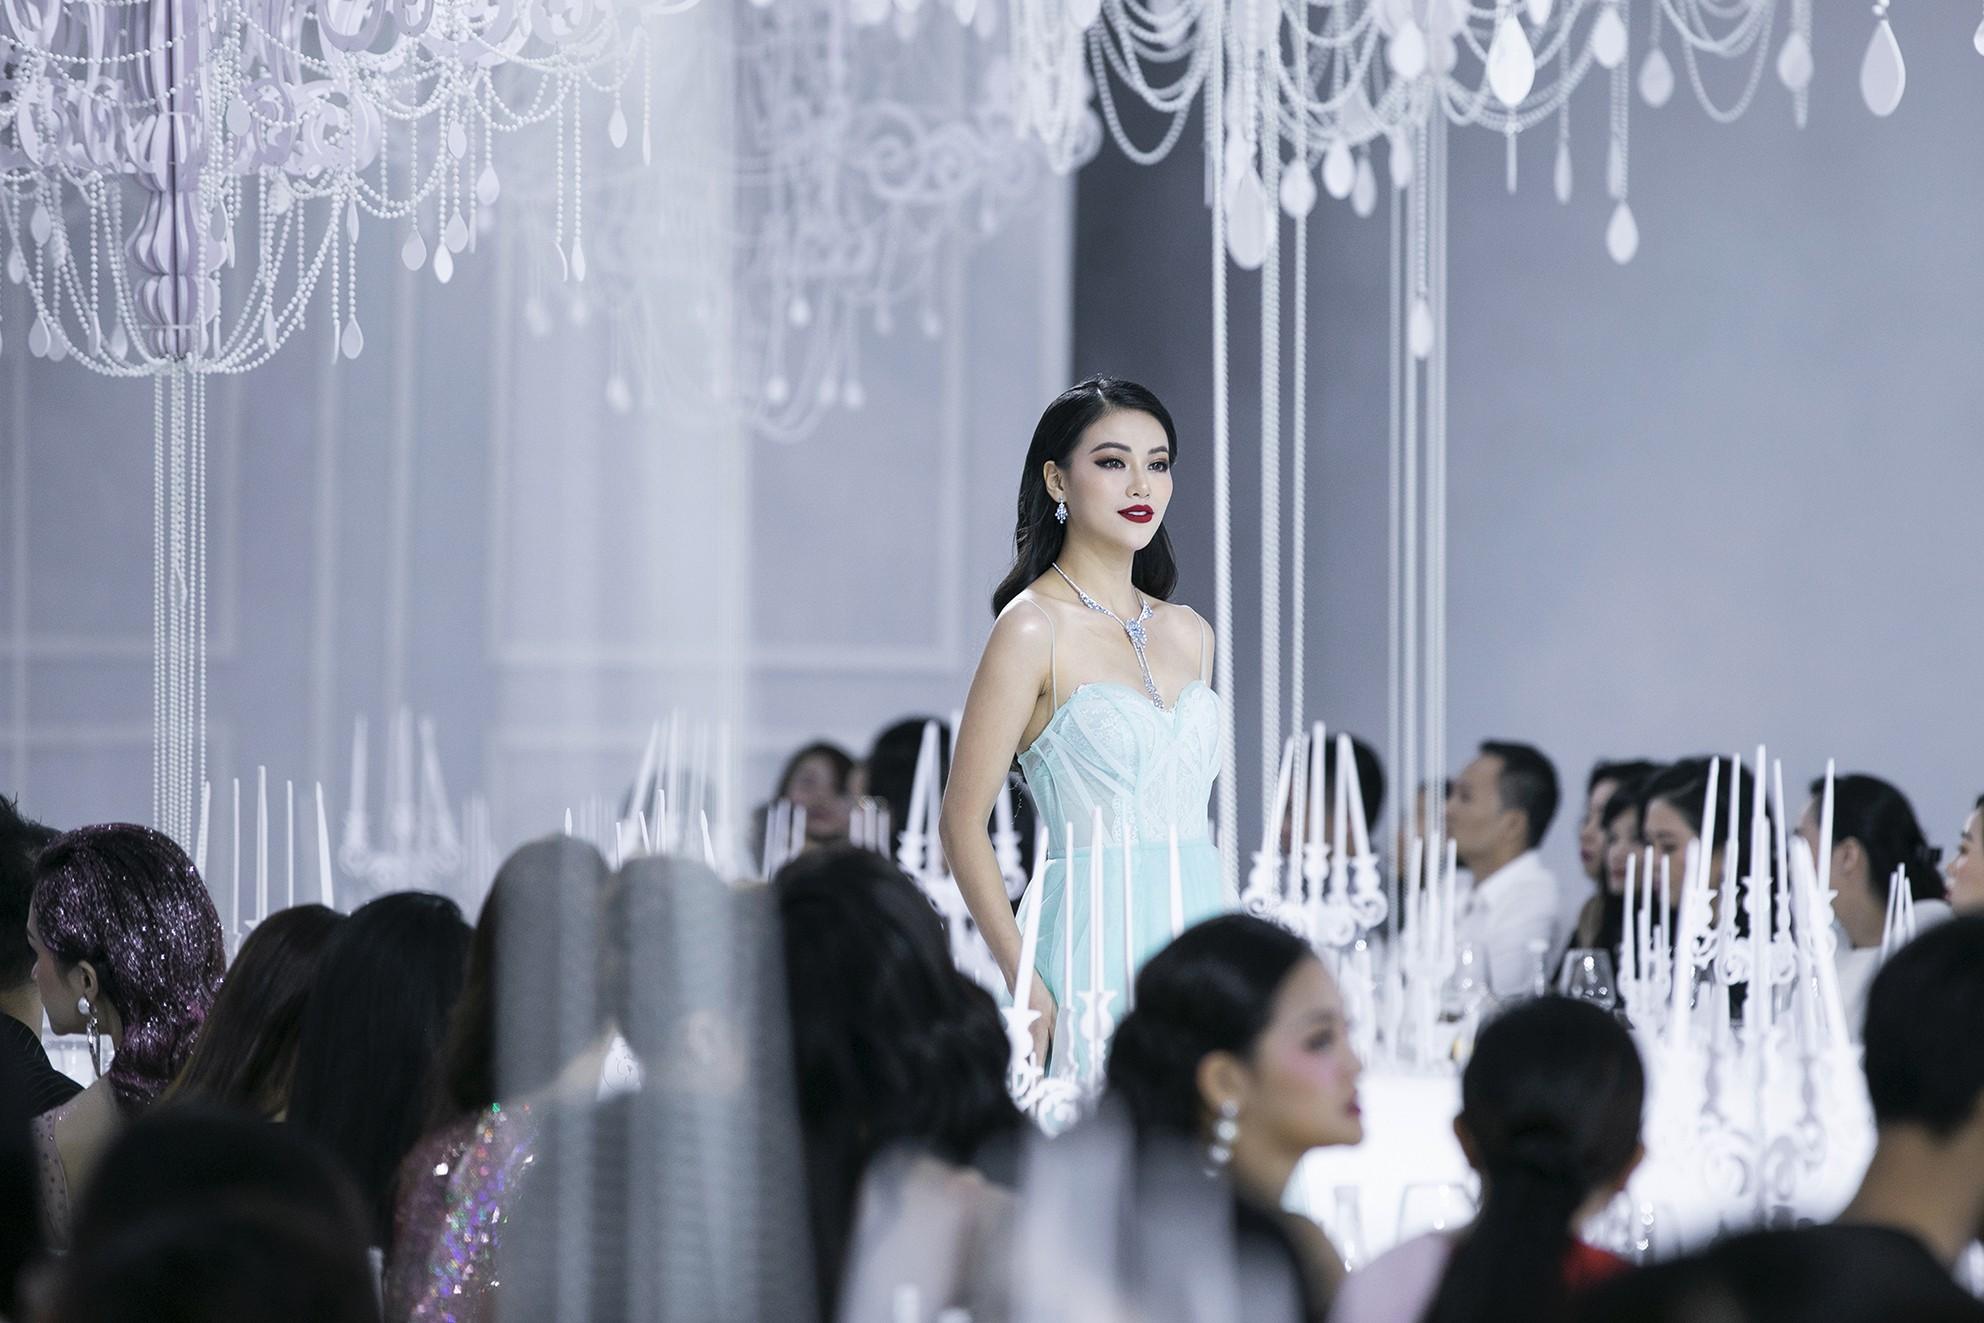 """Lý Quí Khánh mang cả đoàn """"Bông hậu"""" lên sàn diễn, nhưng nổi nhất vẫn là Hà Hồ và Mai Phương Thúy - Ảnh 9."""